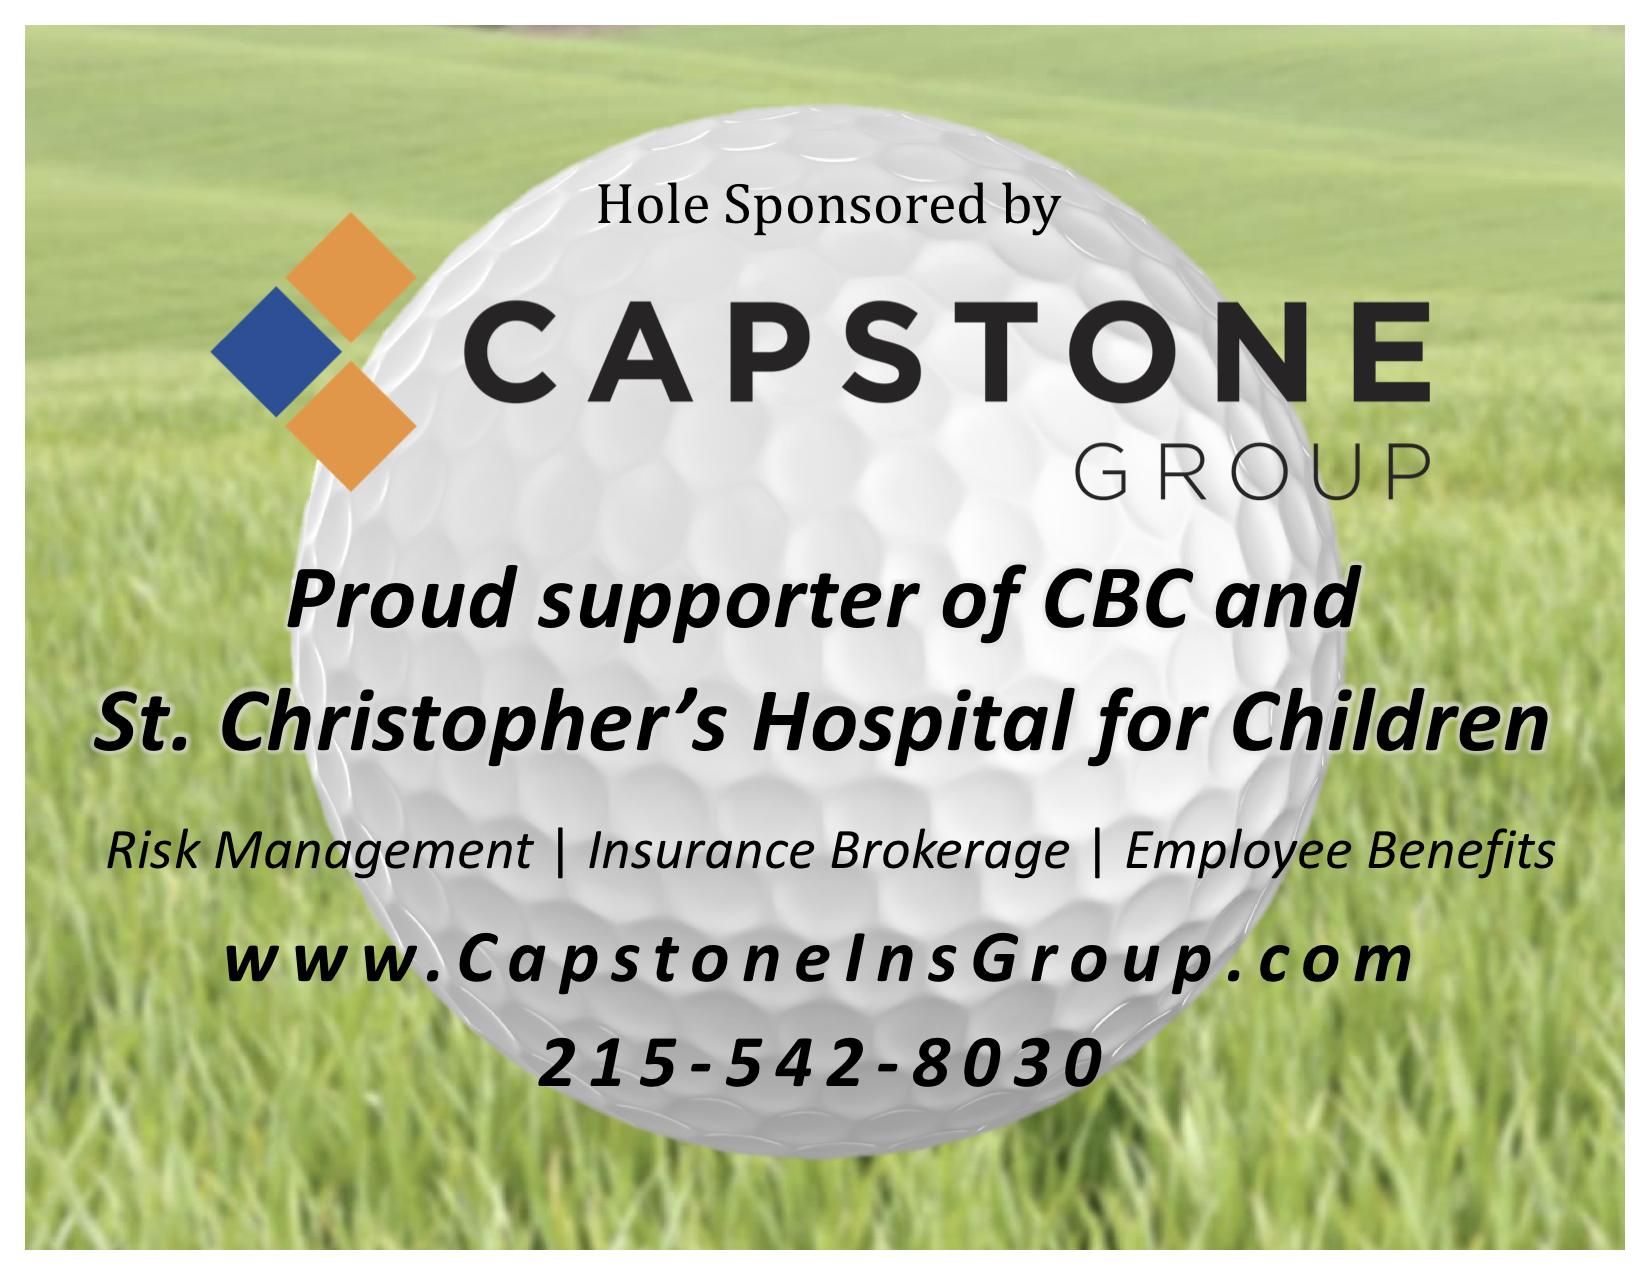 Capstone Group